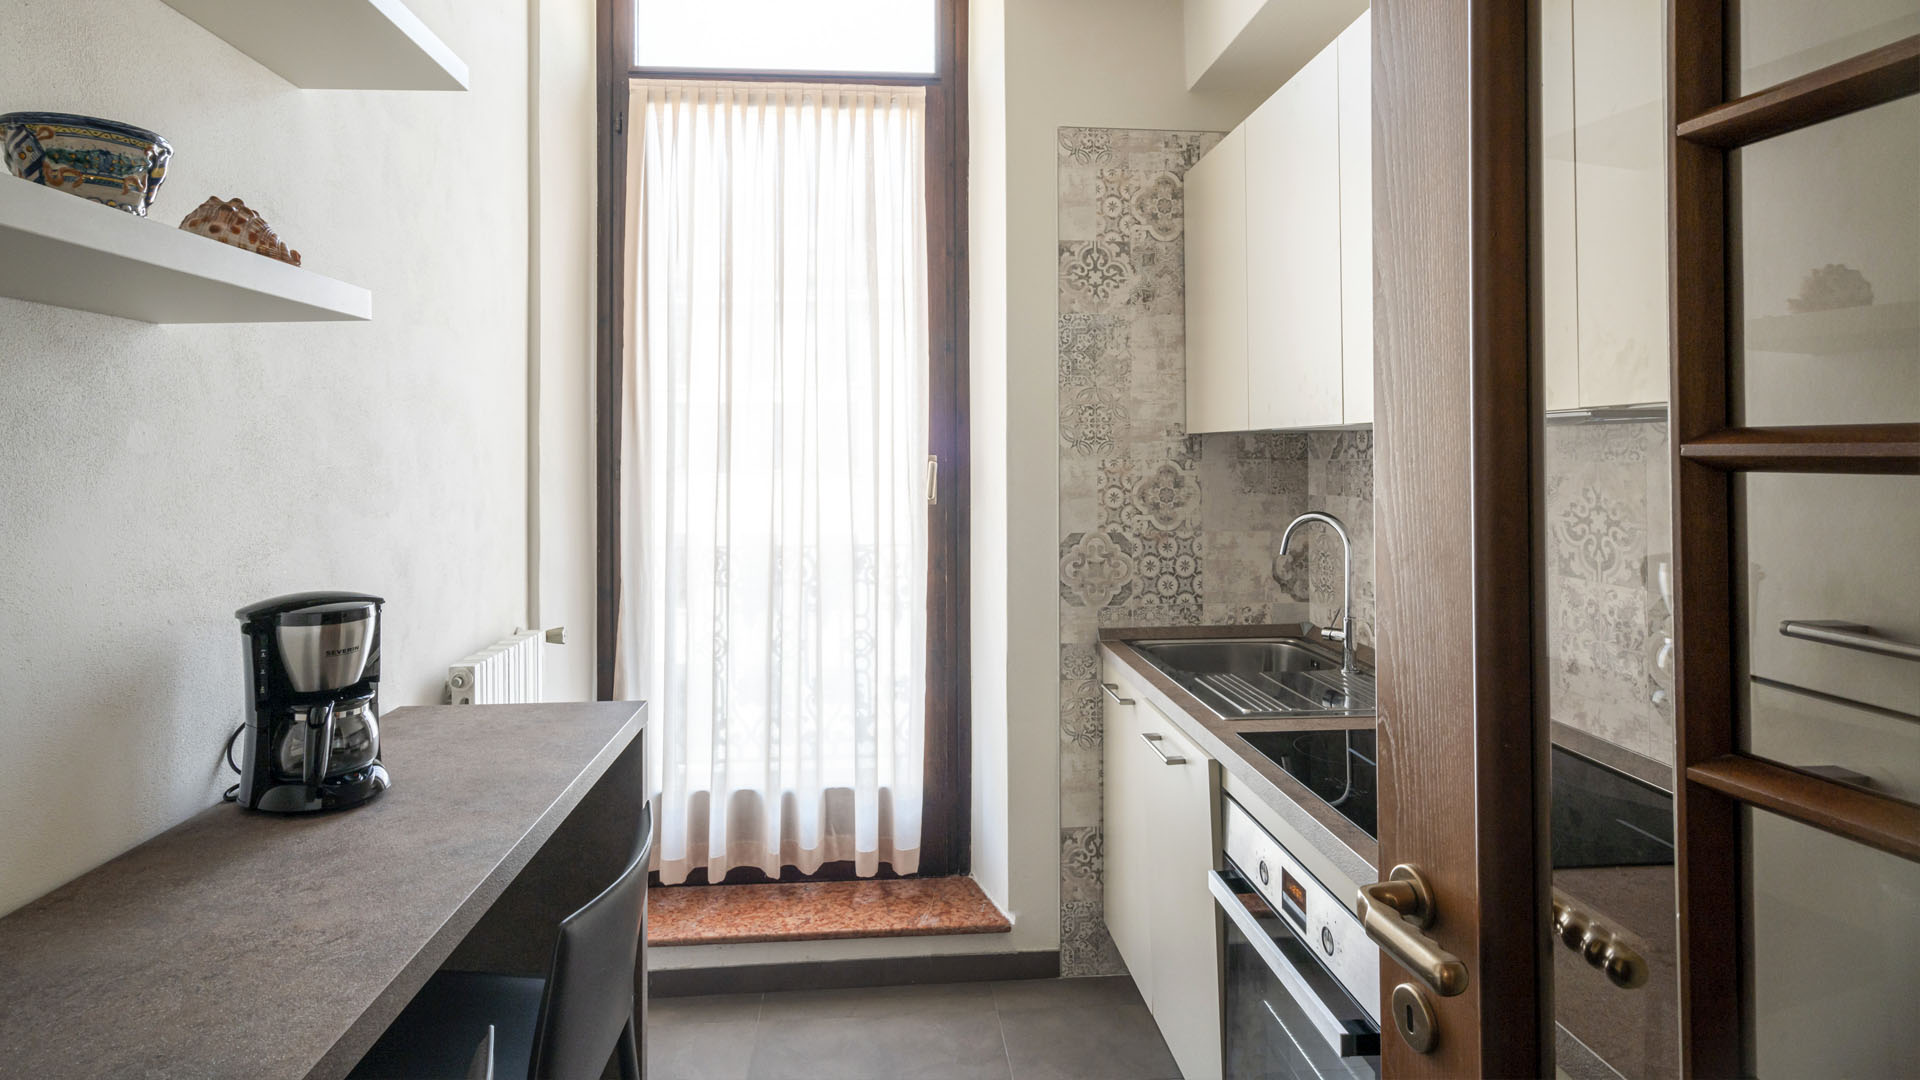 Progetto di ristrutturazione dello studio di architettura Argo4 - Fotografia della cucina